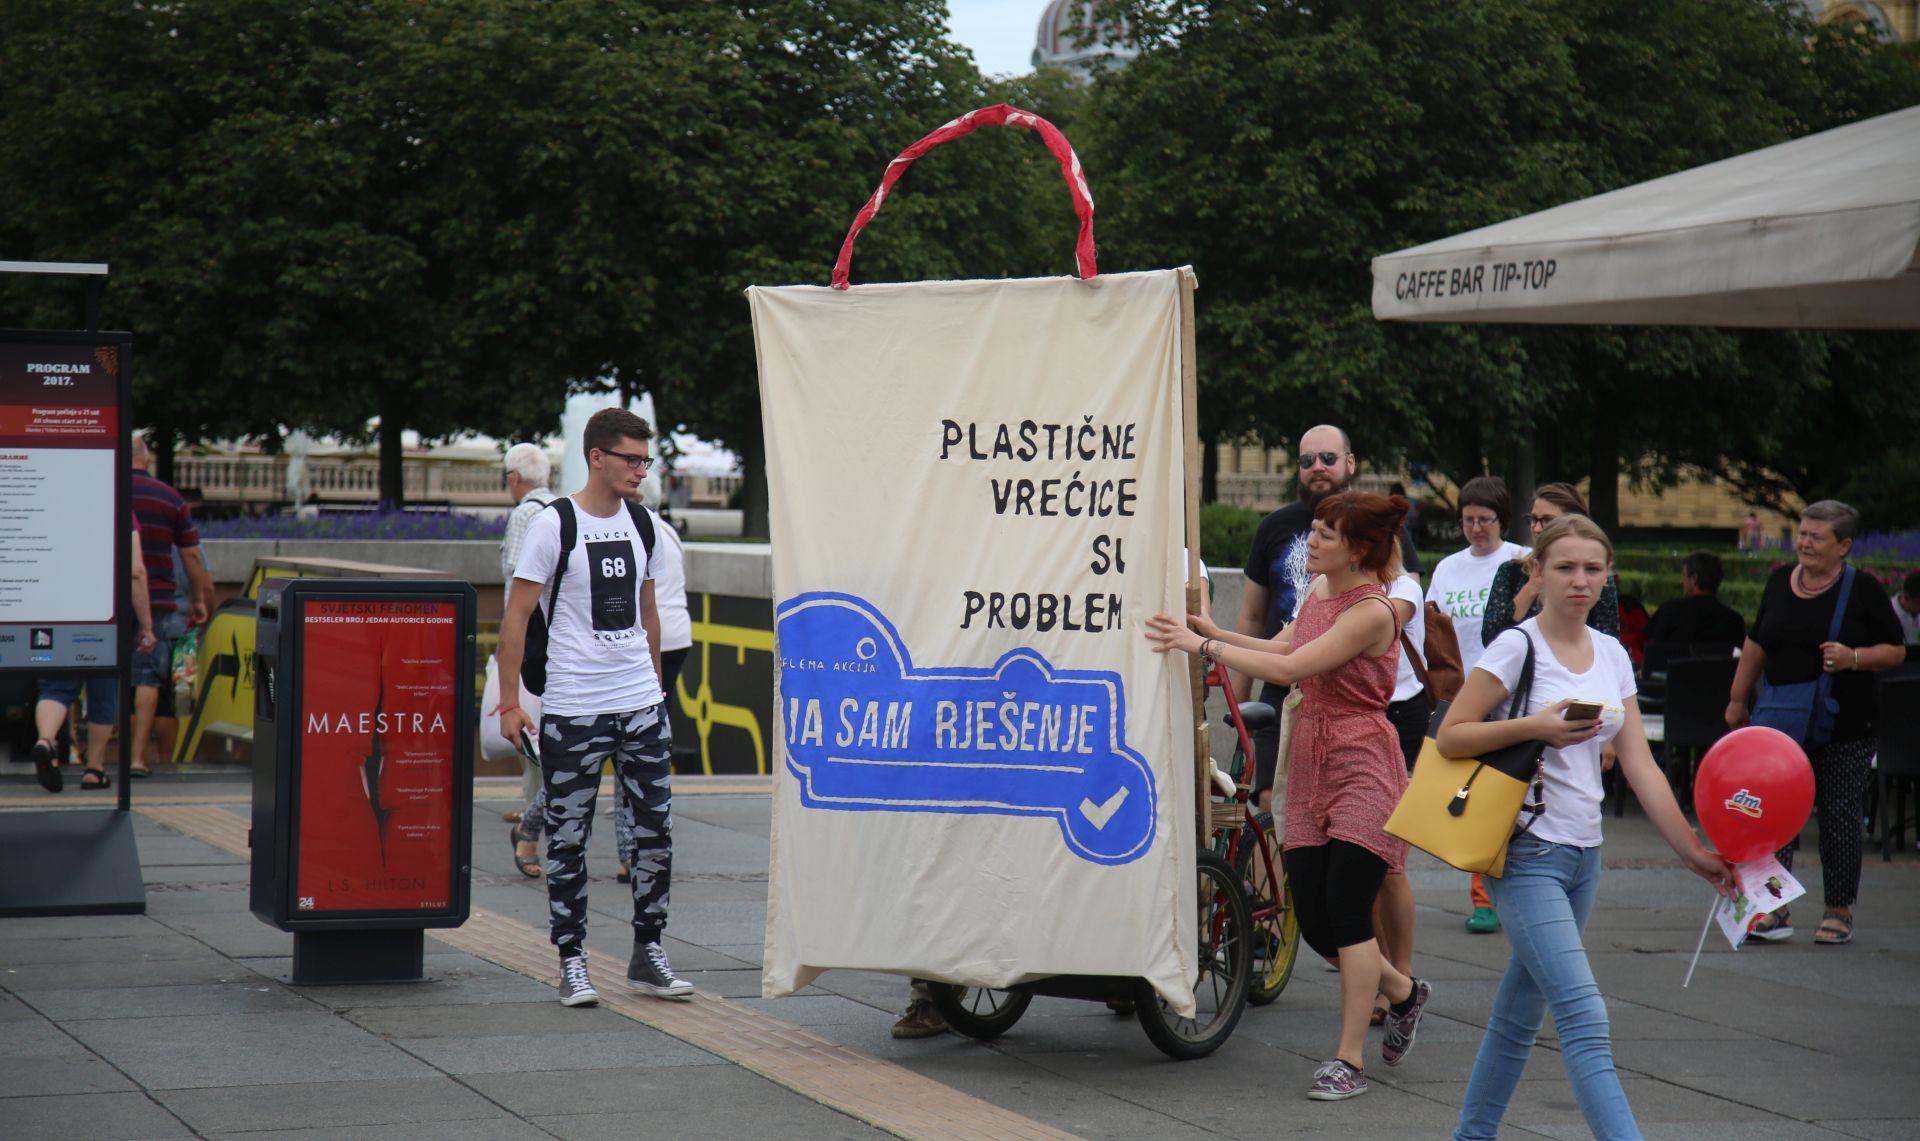 Performans ZA za smanjenje otpadnih plastičnih vrećica